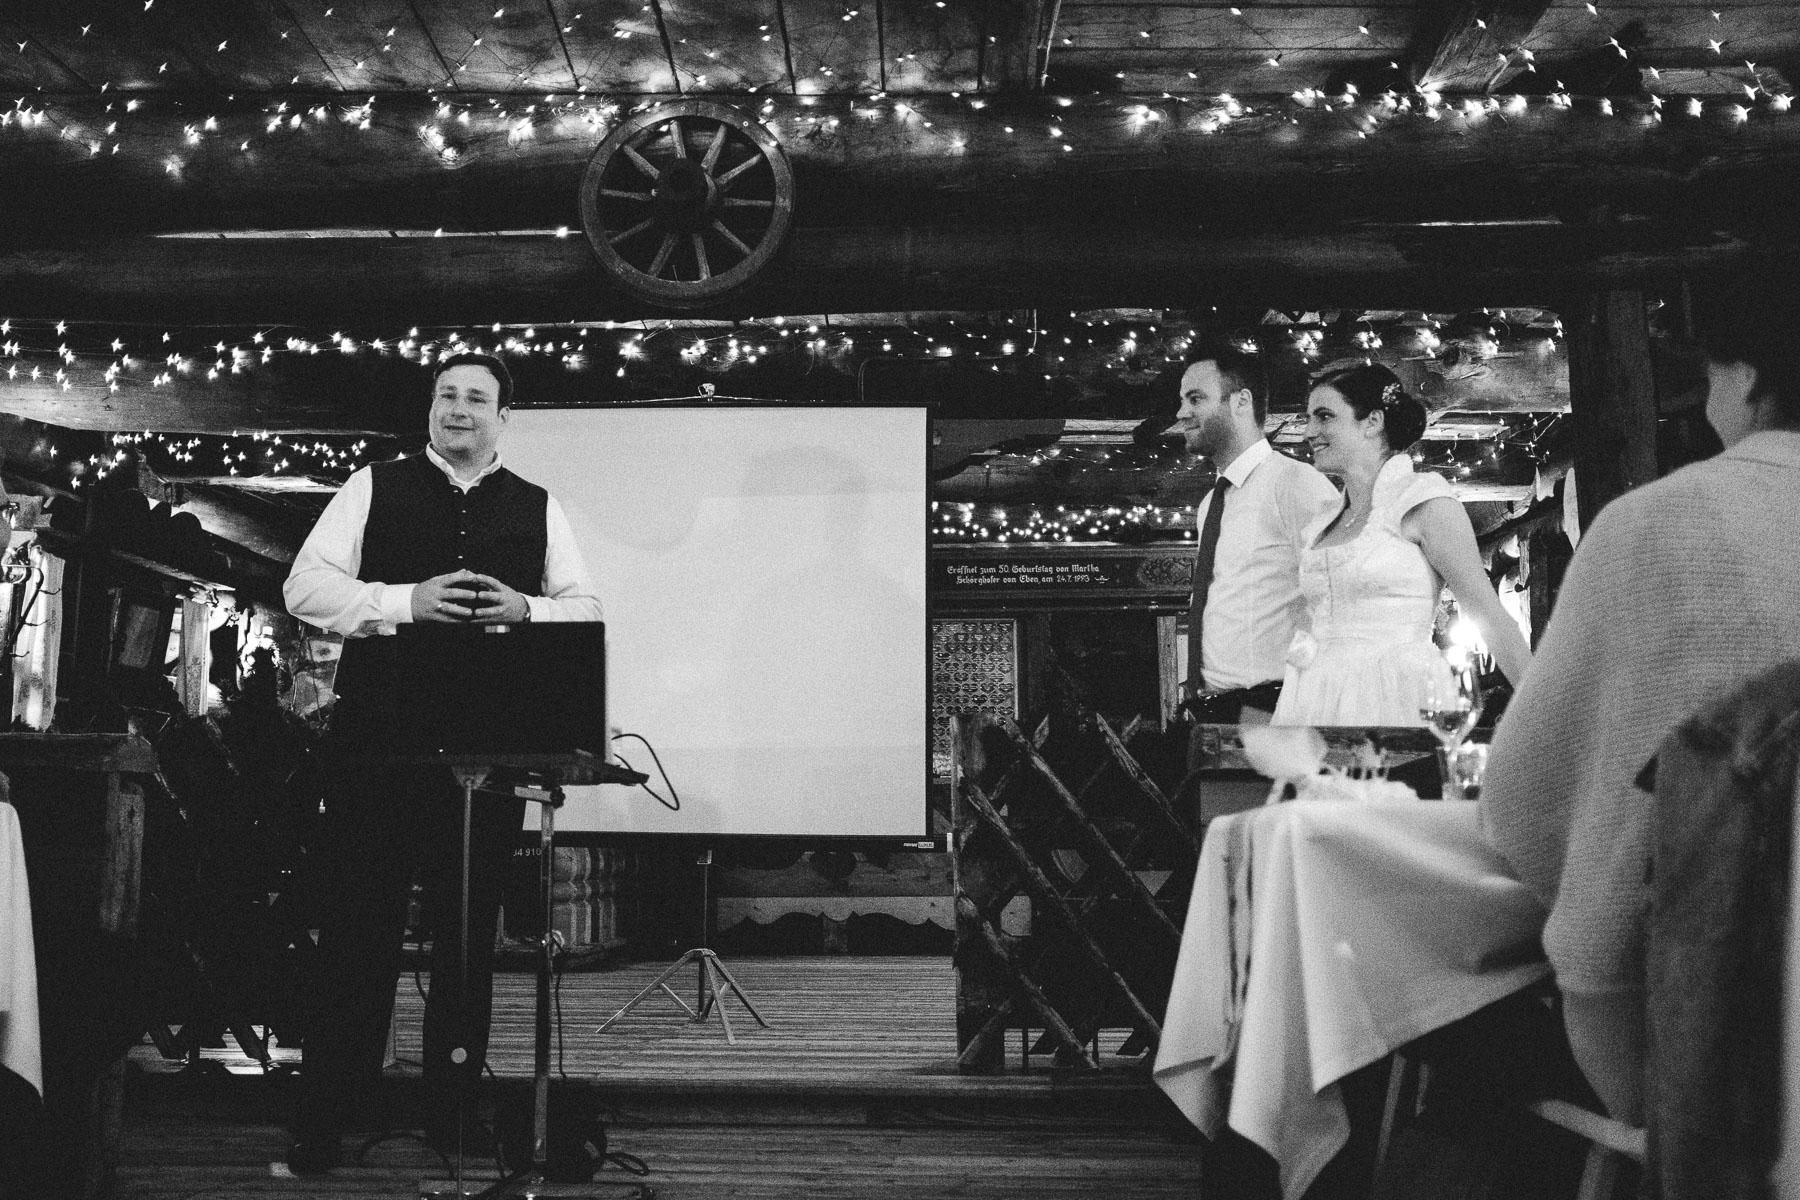 MartinLiebl_Hochzeitsfotograf_DPH_Blog_77.jpg